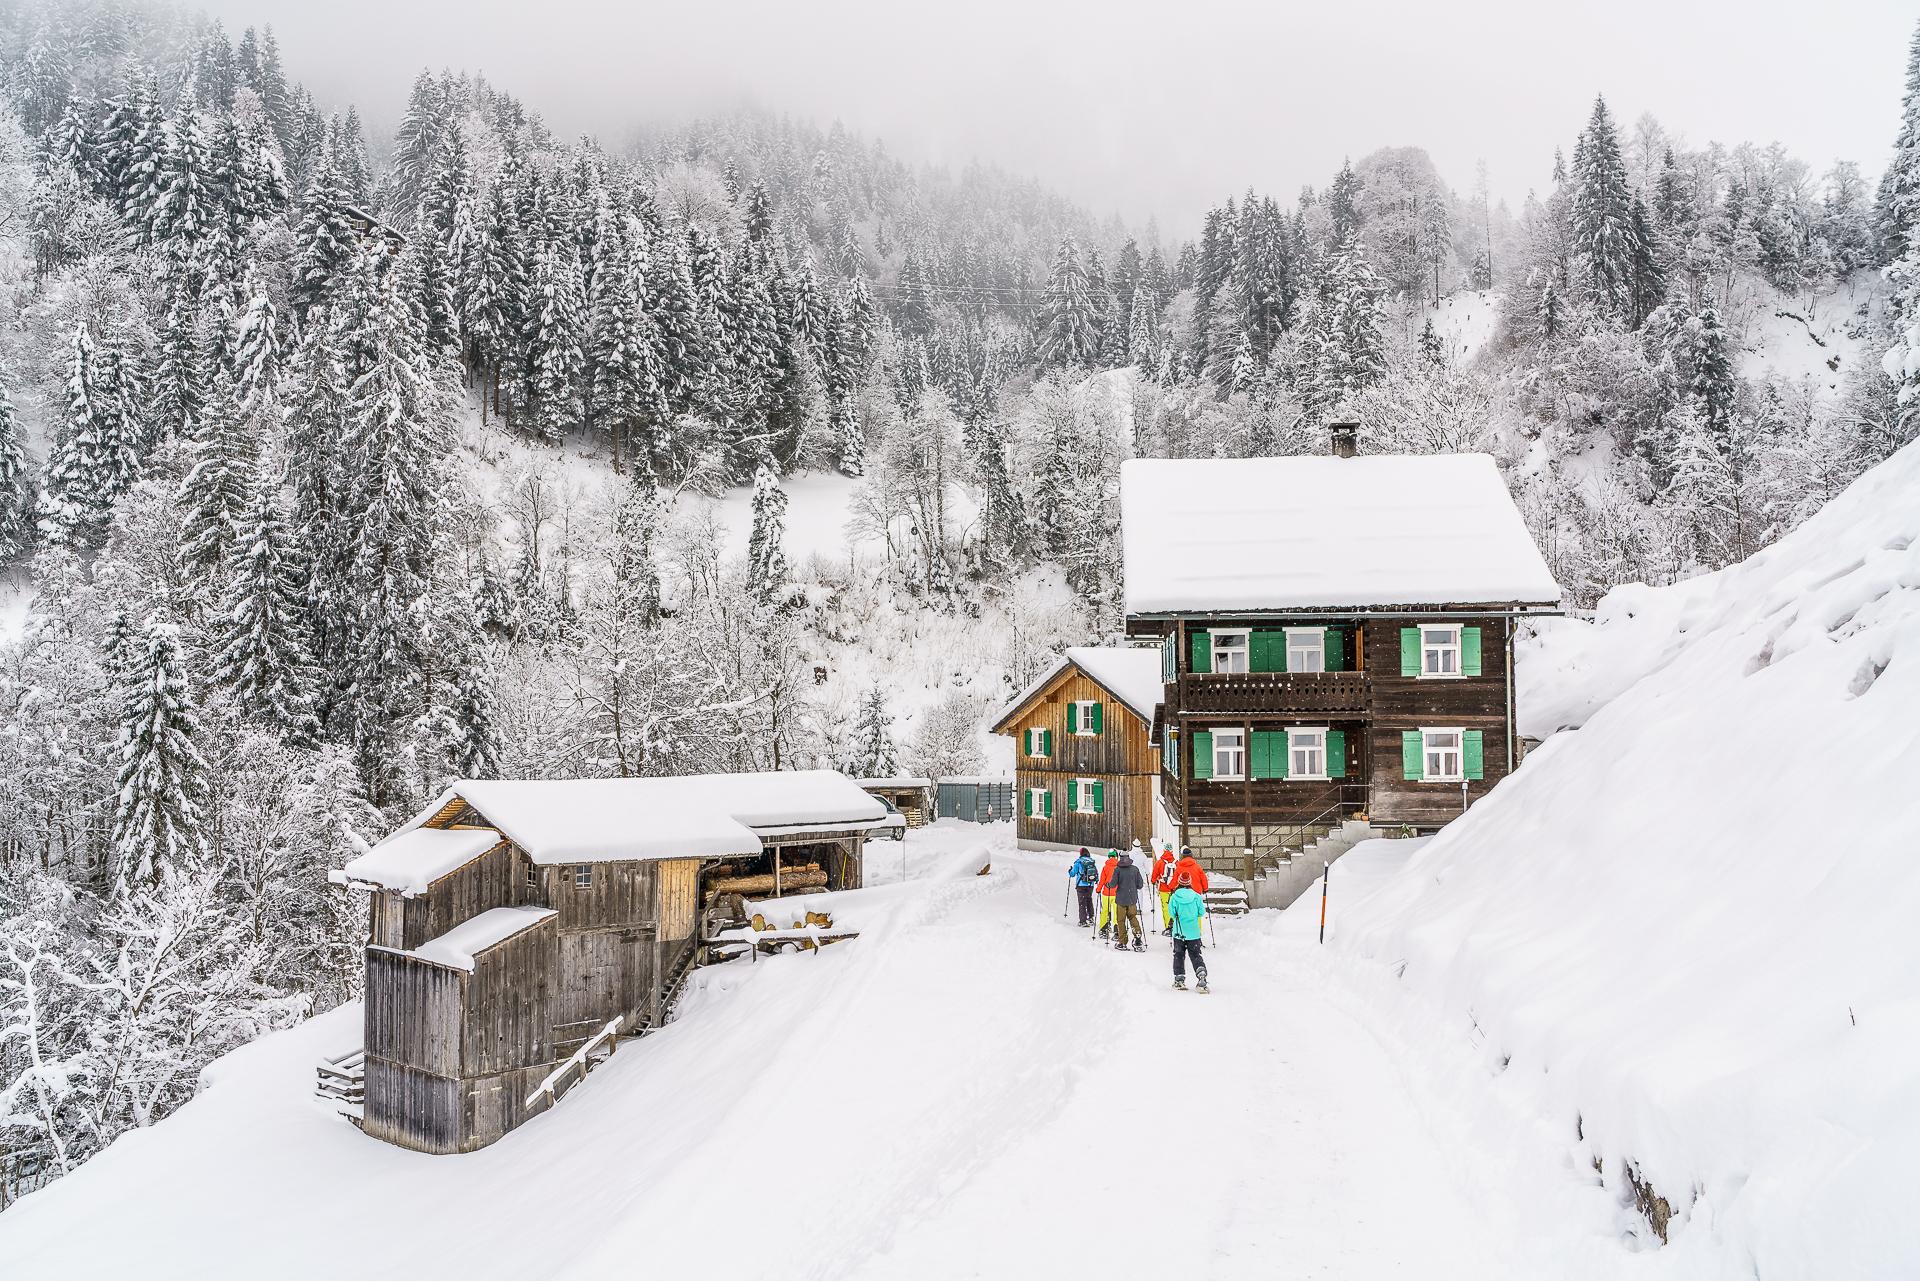 BergAktiv-Wanderfuehrer-Montafon-Schneeschuhtour-1